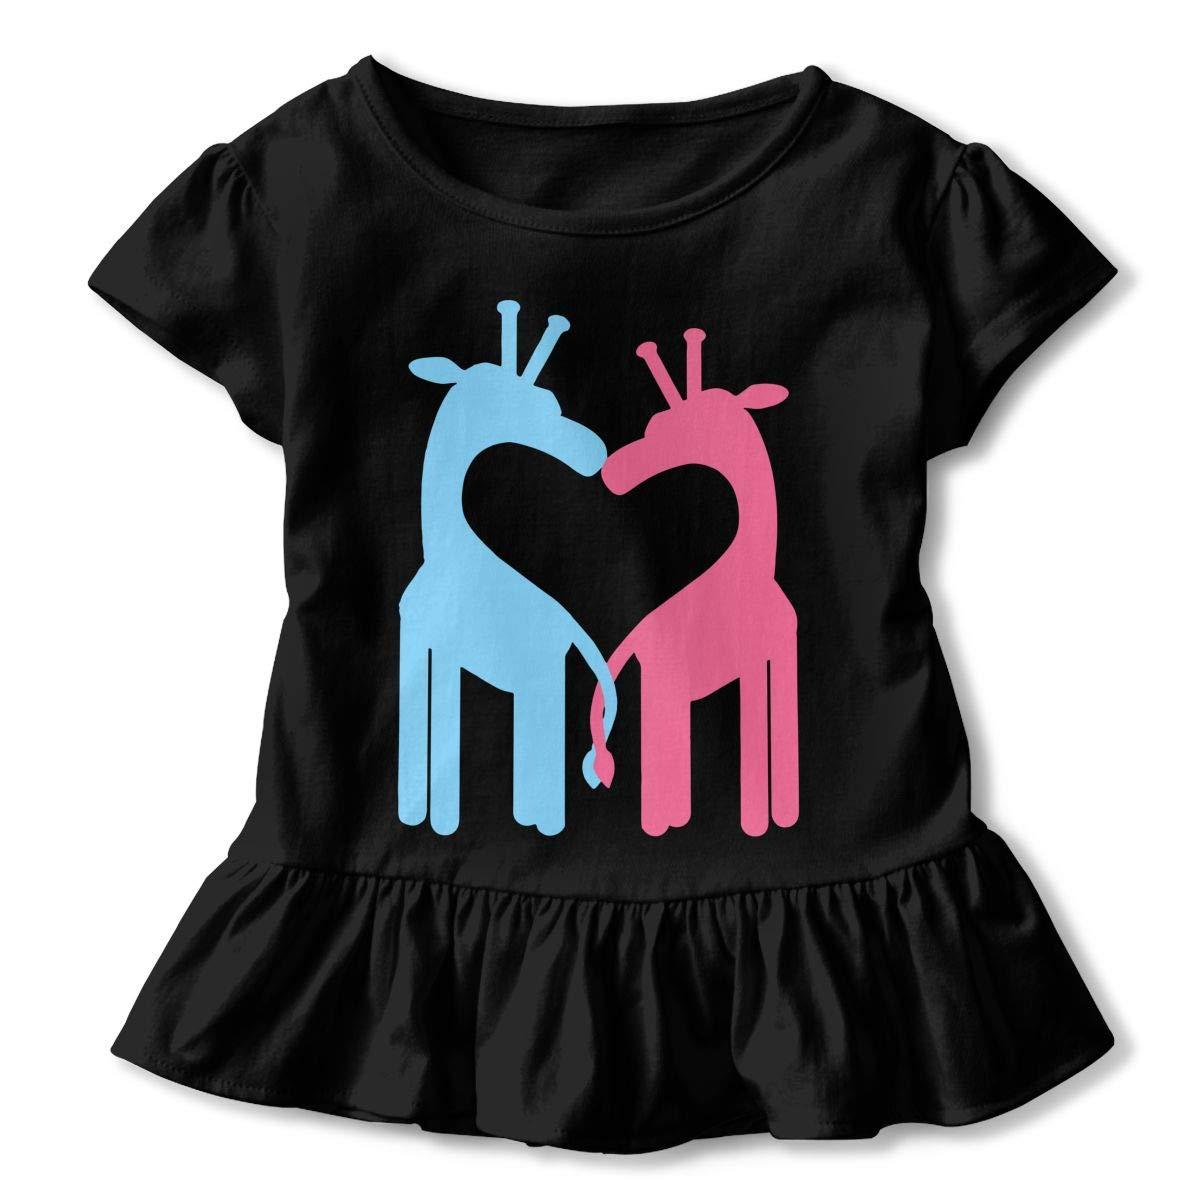 Giraffe Couple Kids Girls Short Sleeve T-Shirts Ruffles Shirt Tee Jersey for 2-6T